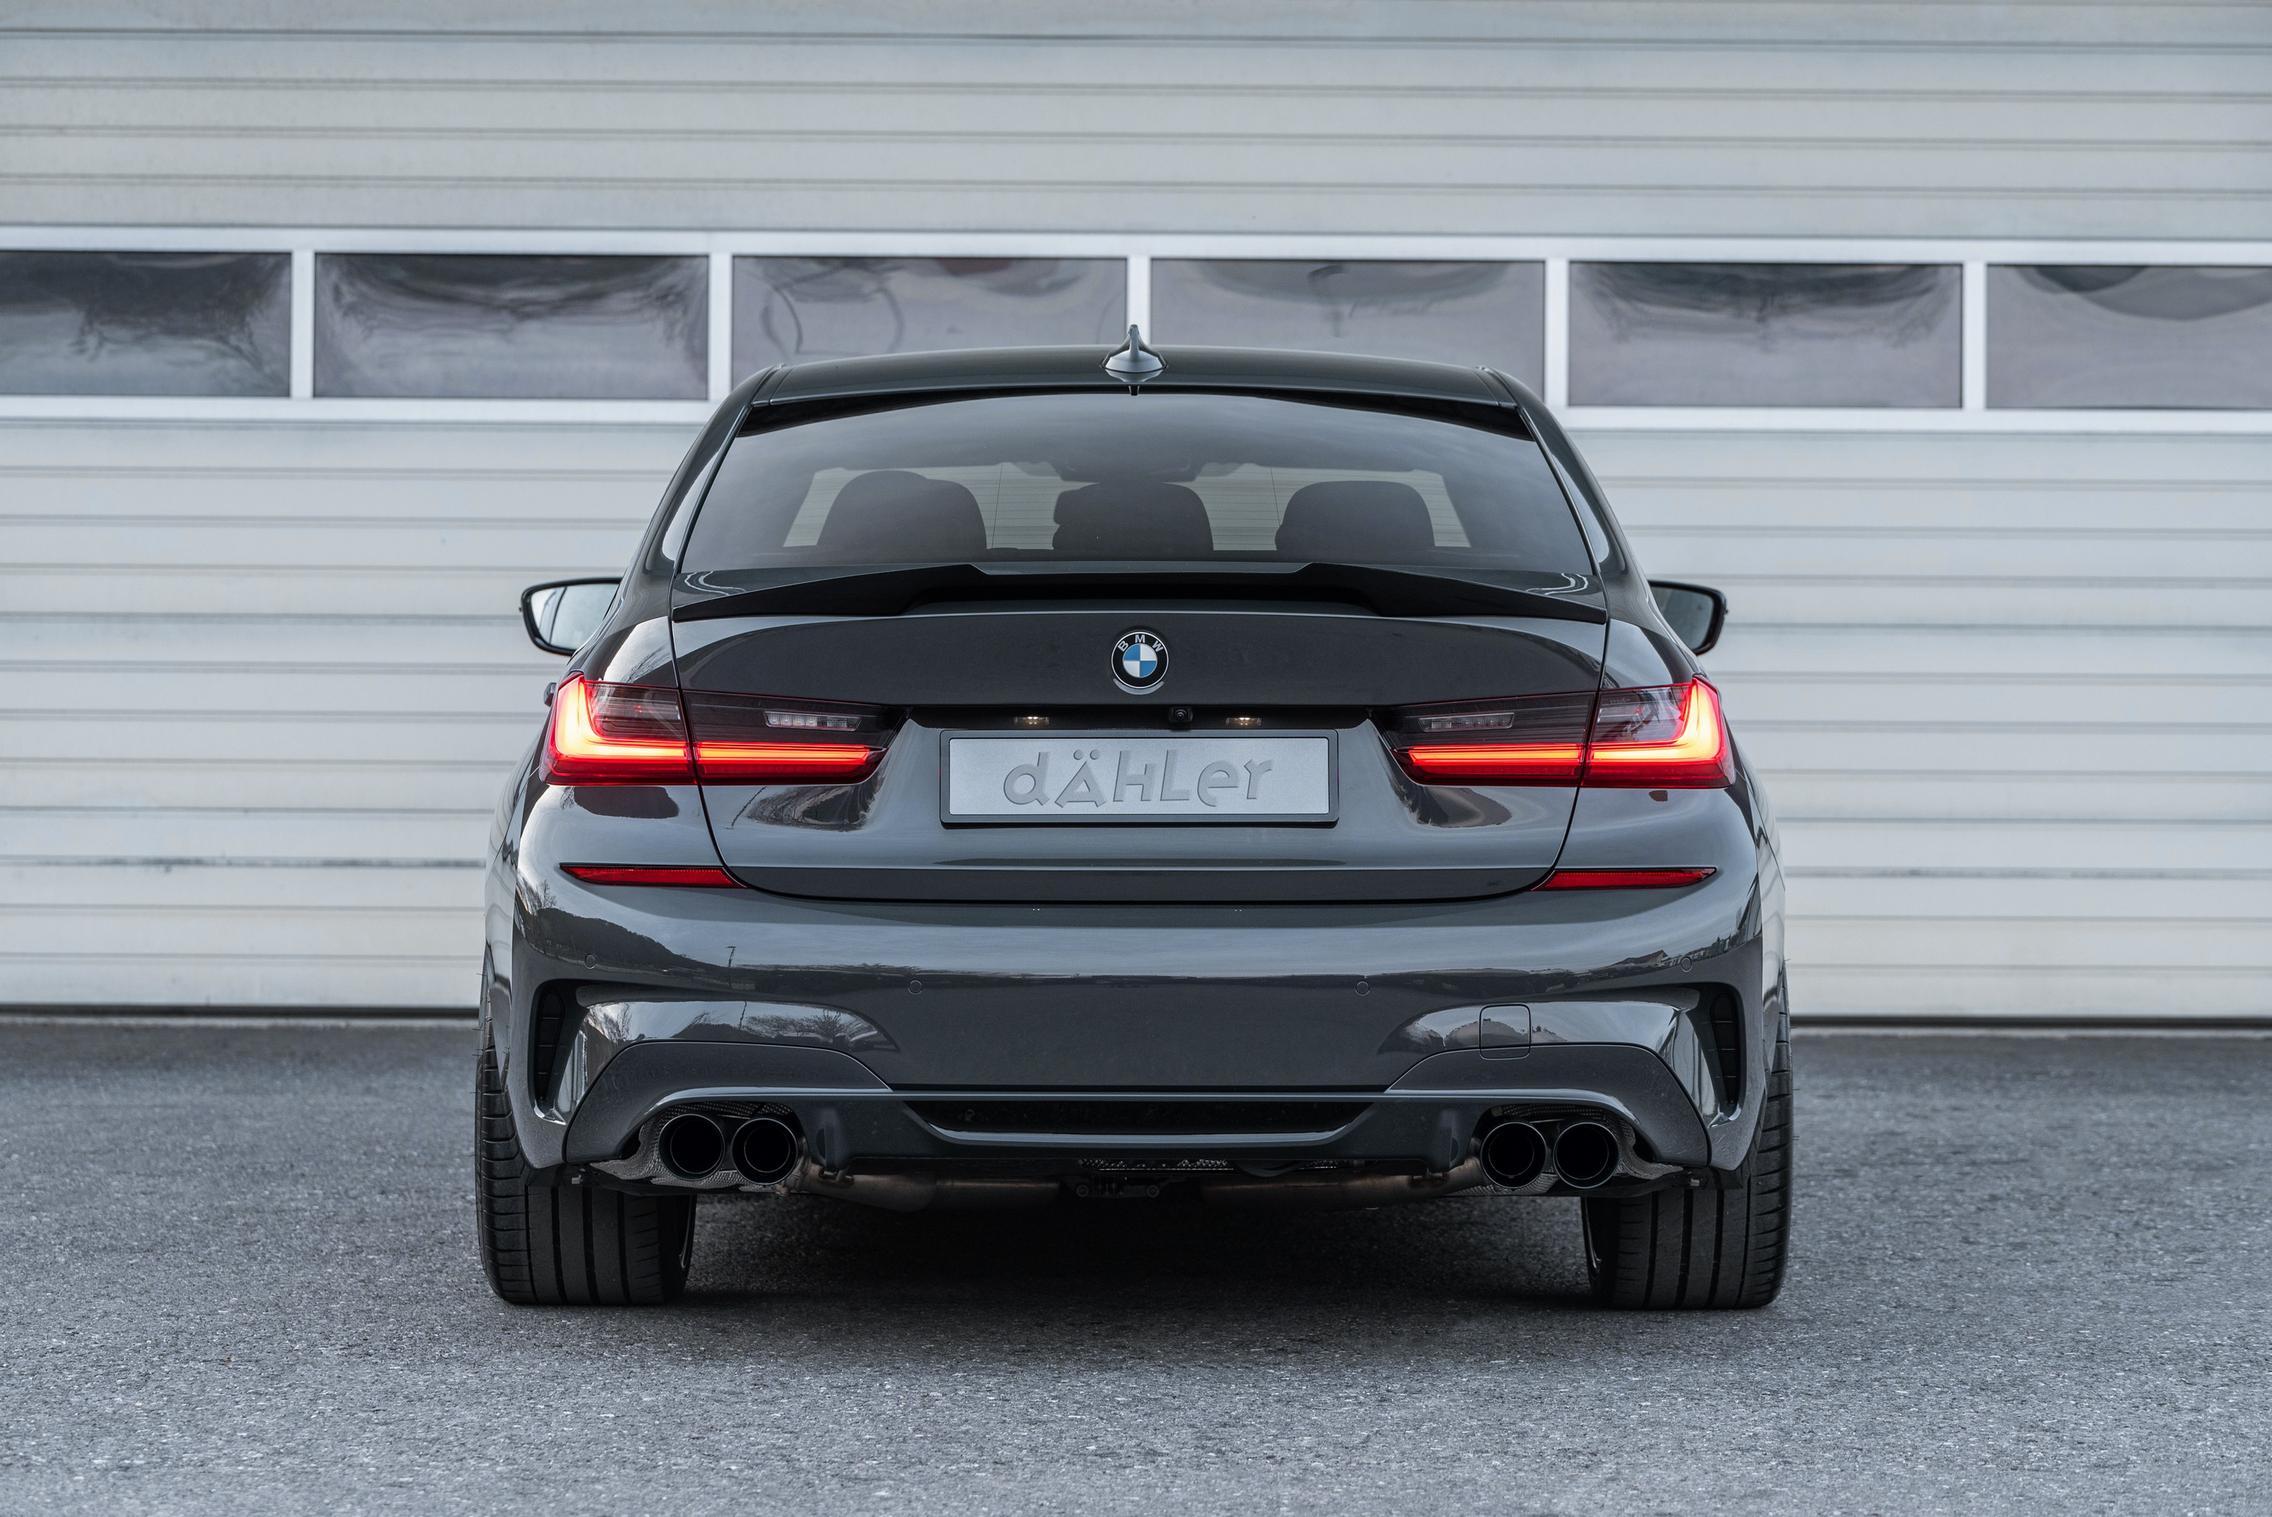 Dahler BMW M340i xDrive rear